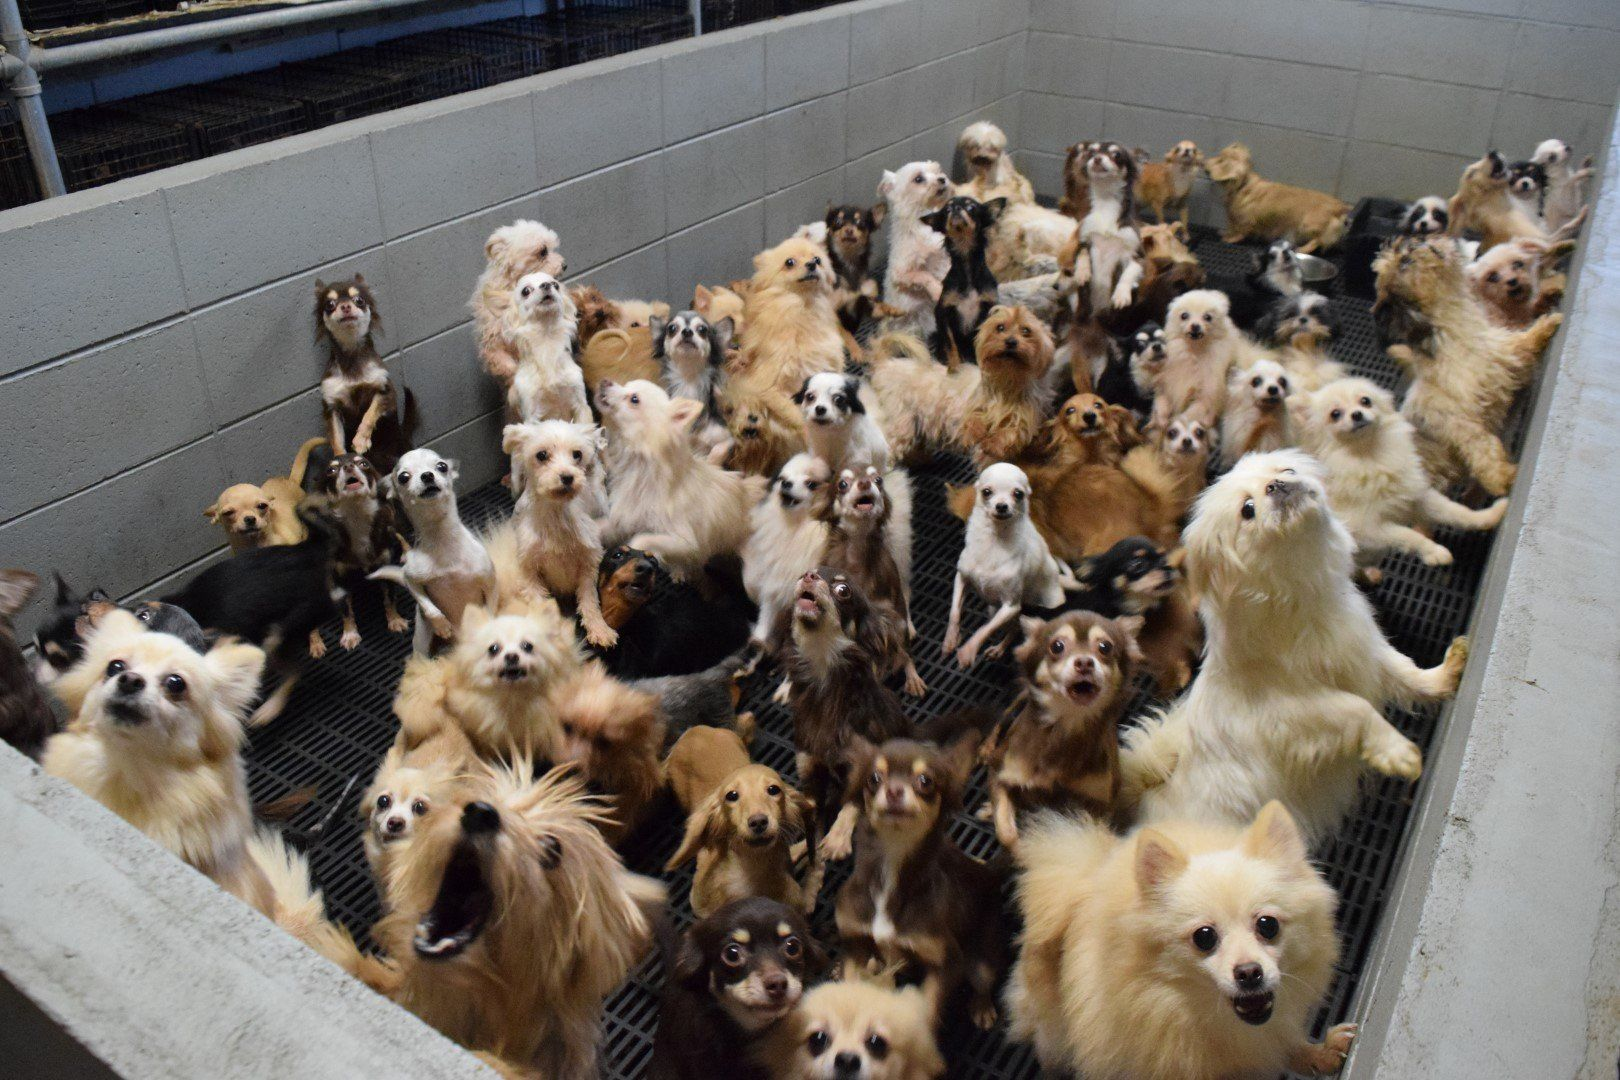 ペットショップの闇 大量生産された子犬 子猫の残酷な現実 日刊spa ペットショップ 子犬 子猫